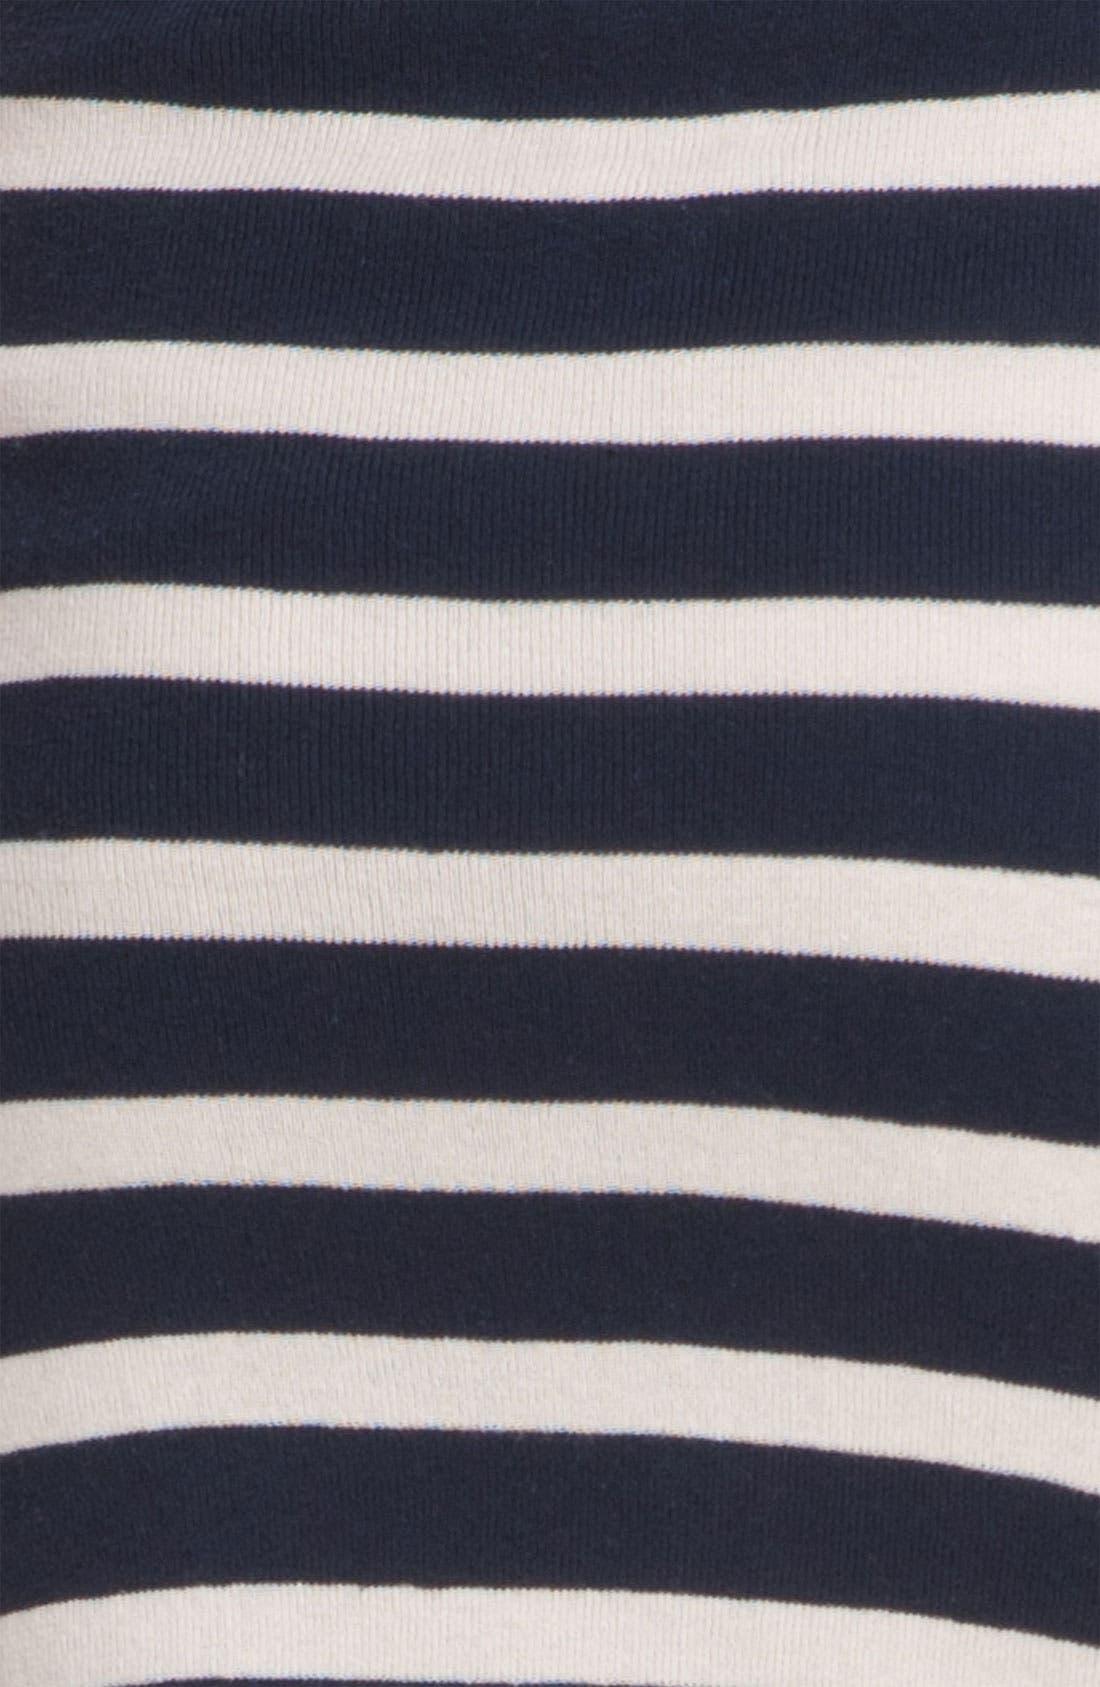 'Skipper' Stripe Pencil Skirt,                             Alternate thumbnail 2, color,                             400